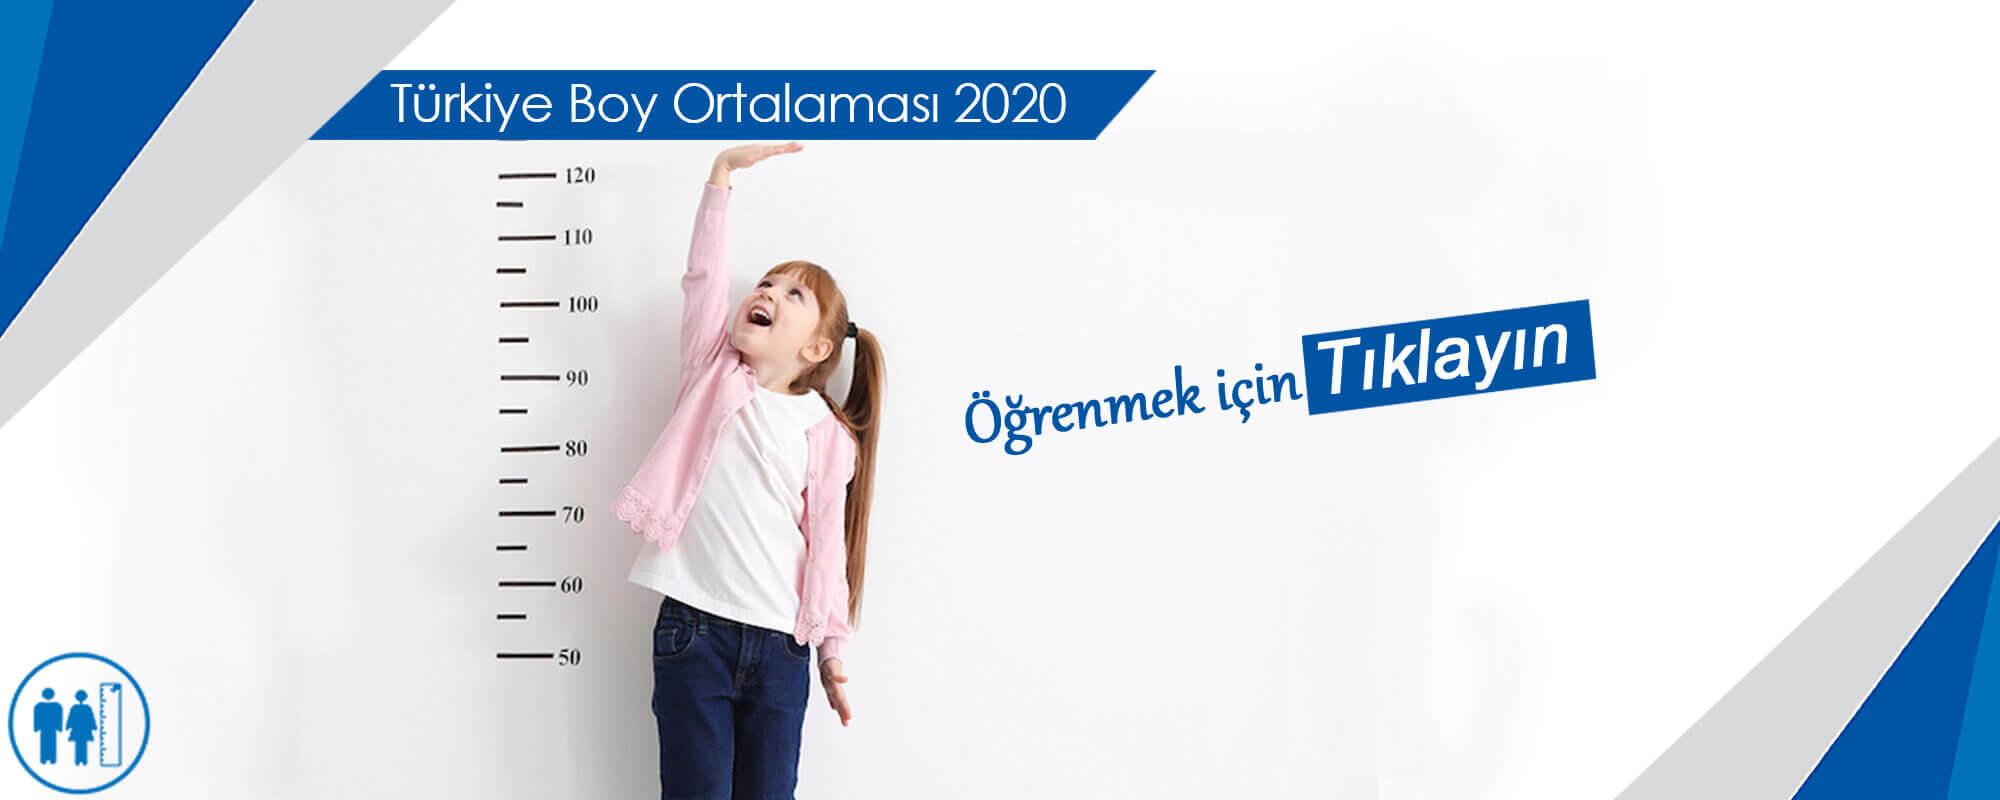 Türkiye Boy Ortalaması 2020